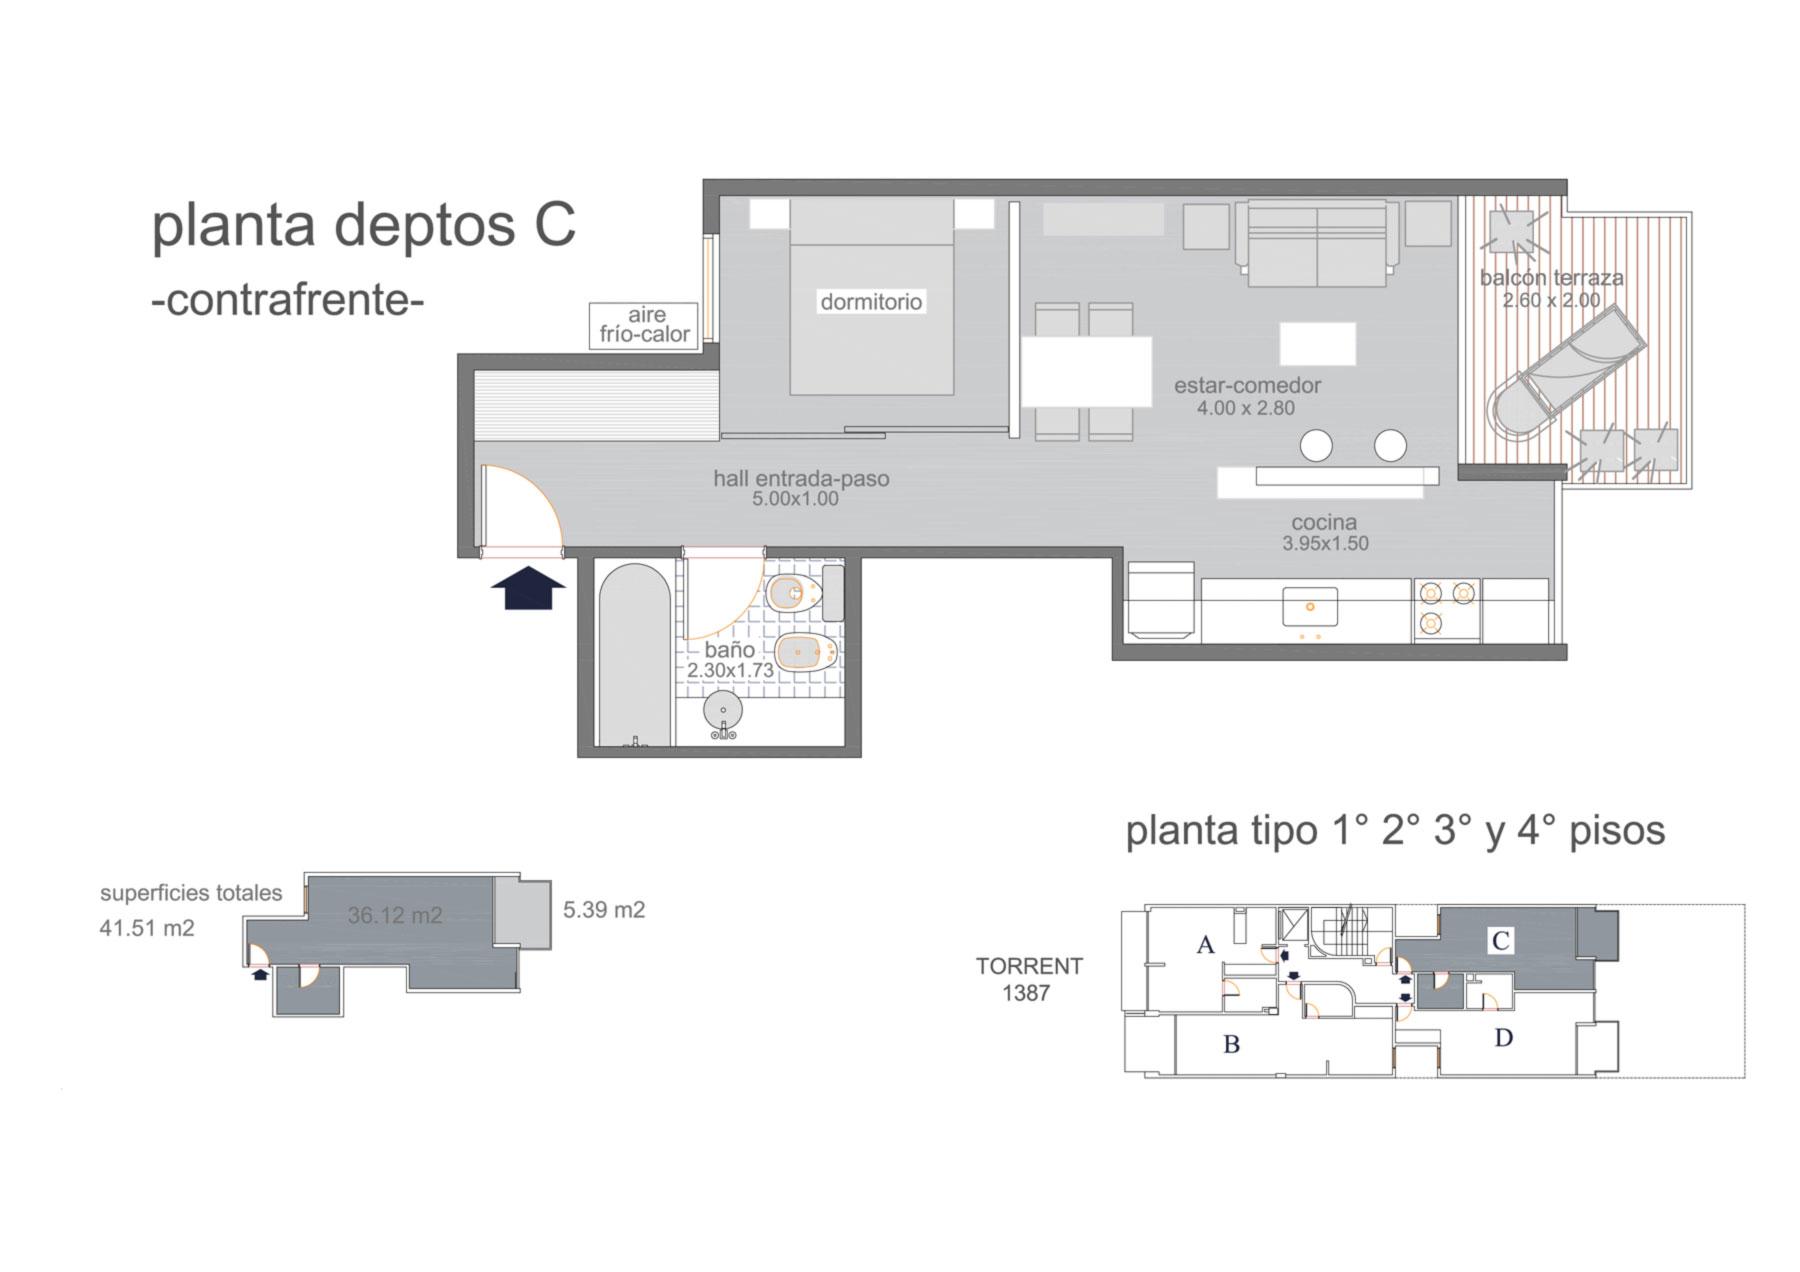 Dpto C piso 1 al 4